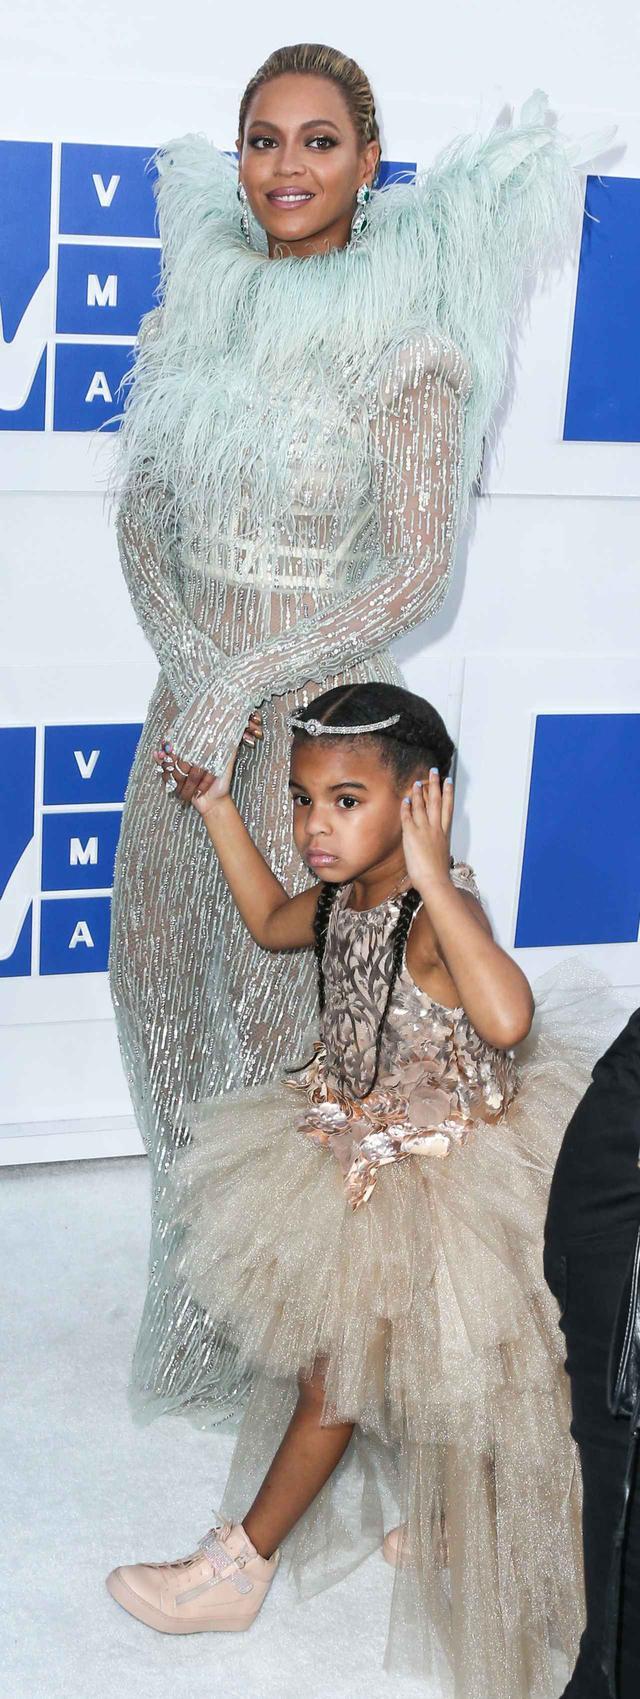 画像: ビヨンセの6歳の娘、ライブ会場で行った「ある仕草」にファン大興奮